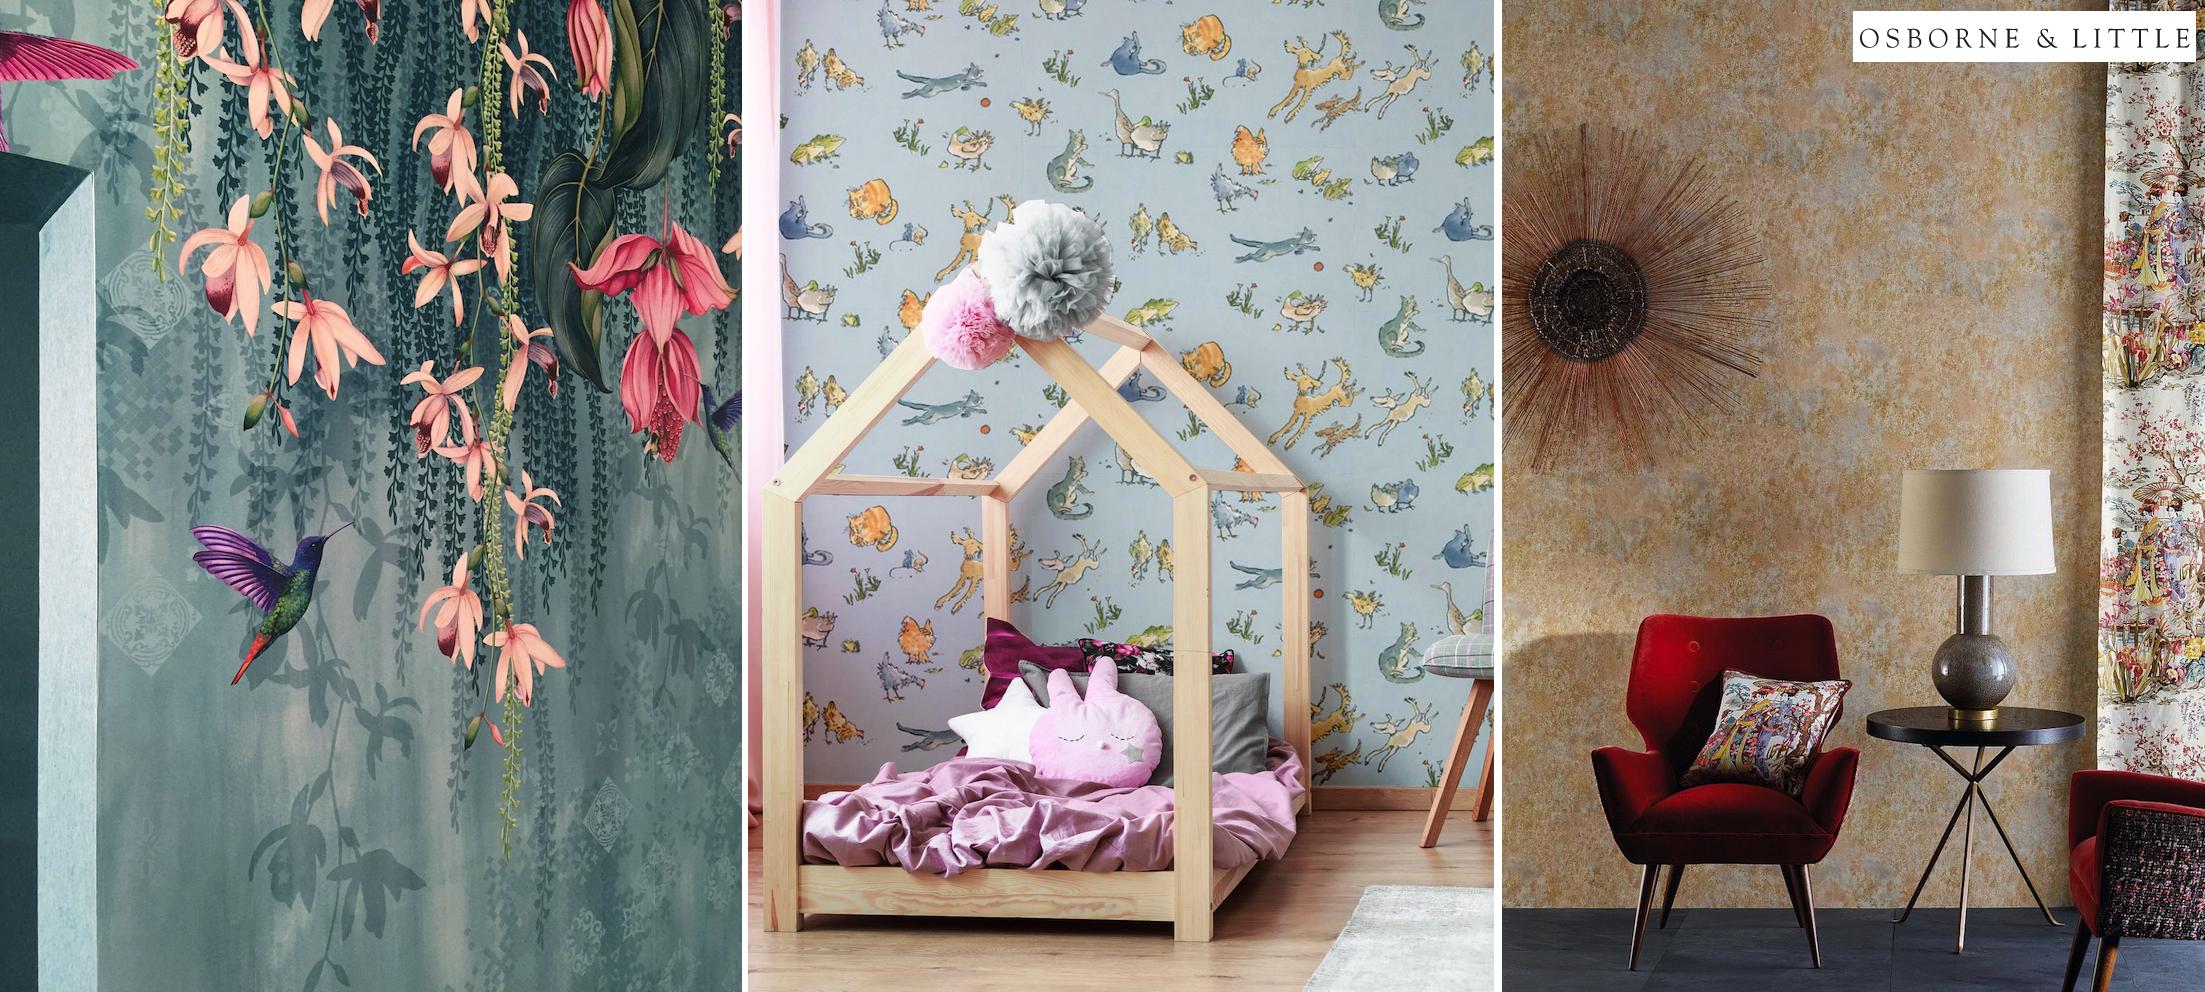 osborne-little-wallpaper-australia.jpg